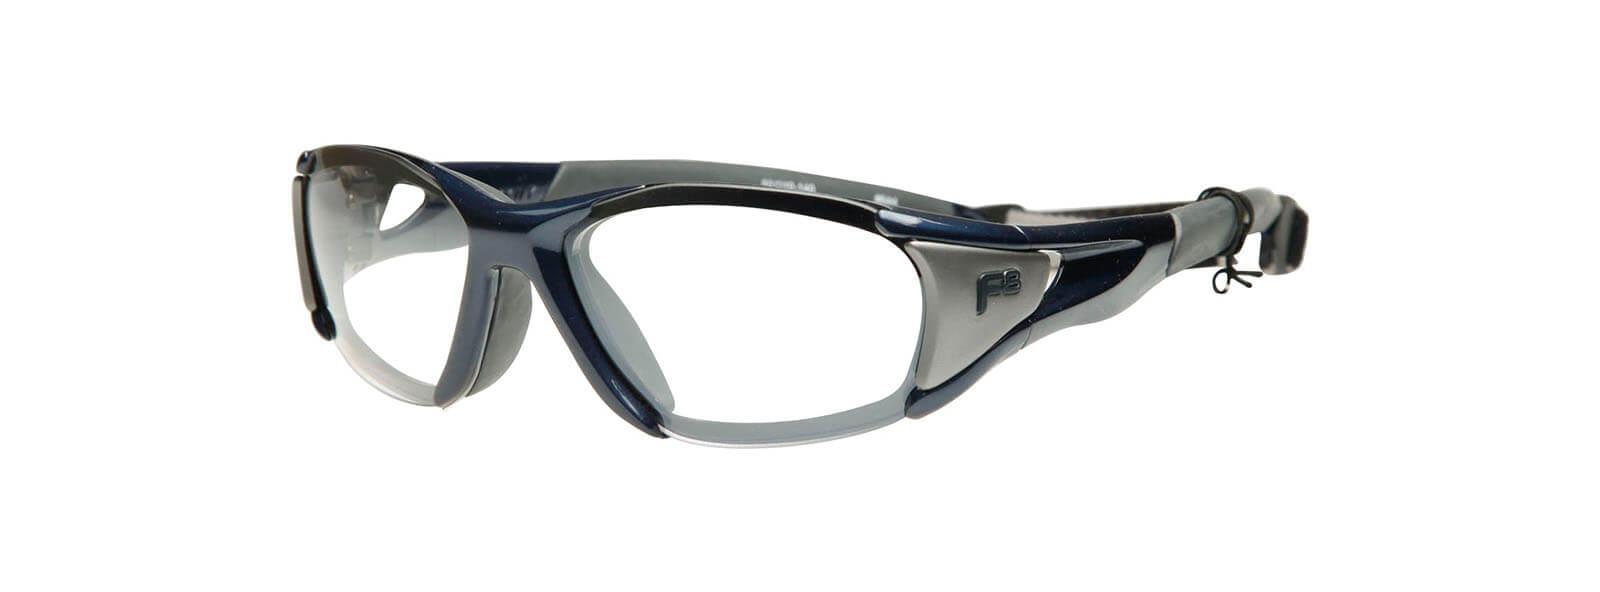 Liberty Sport Goggles